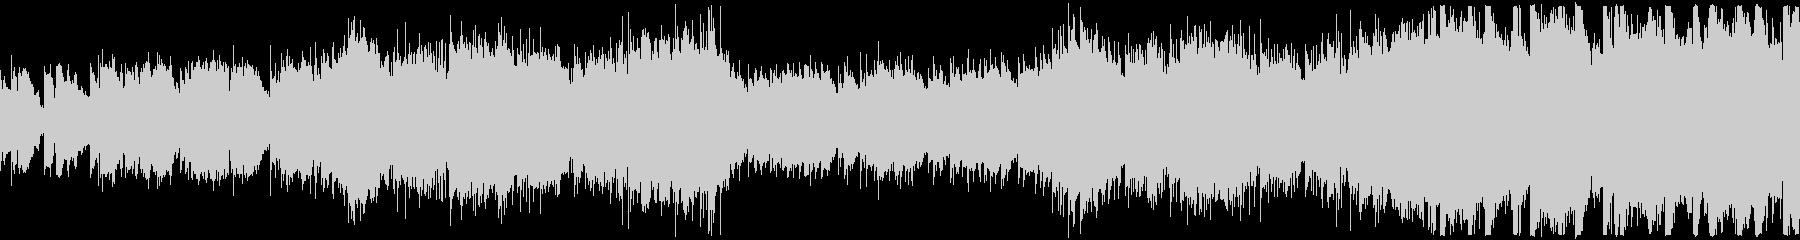 ループ・優しいフューチャーポップの未再生の波形